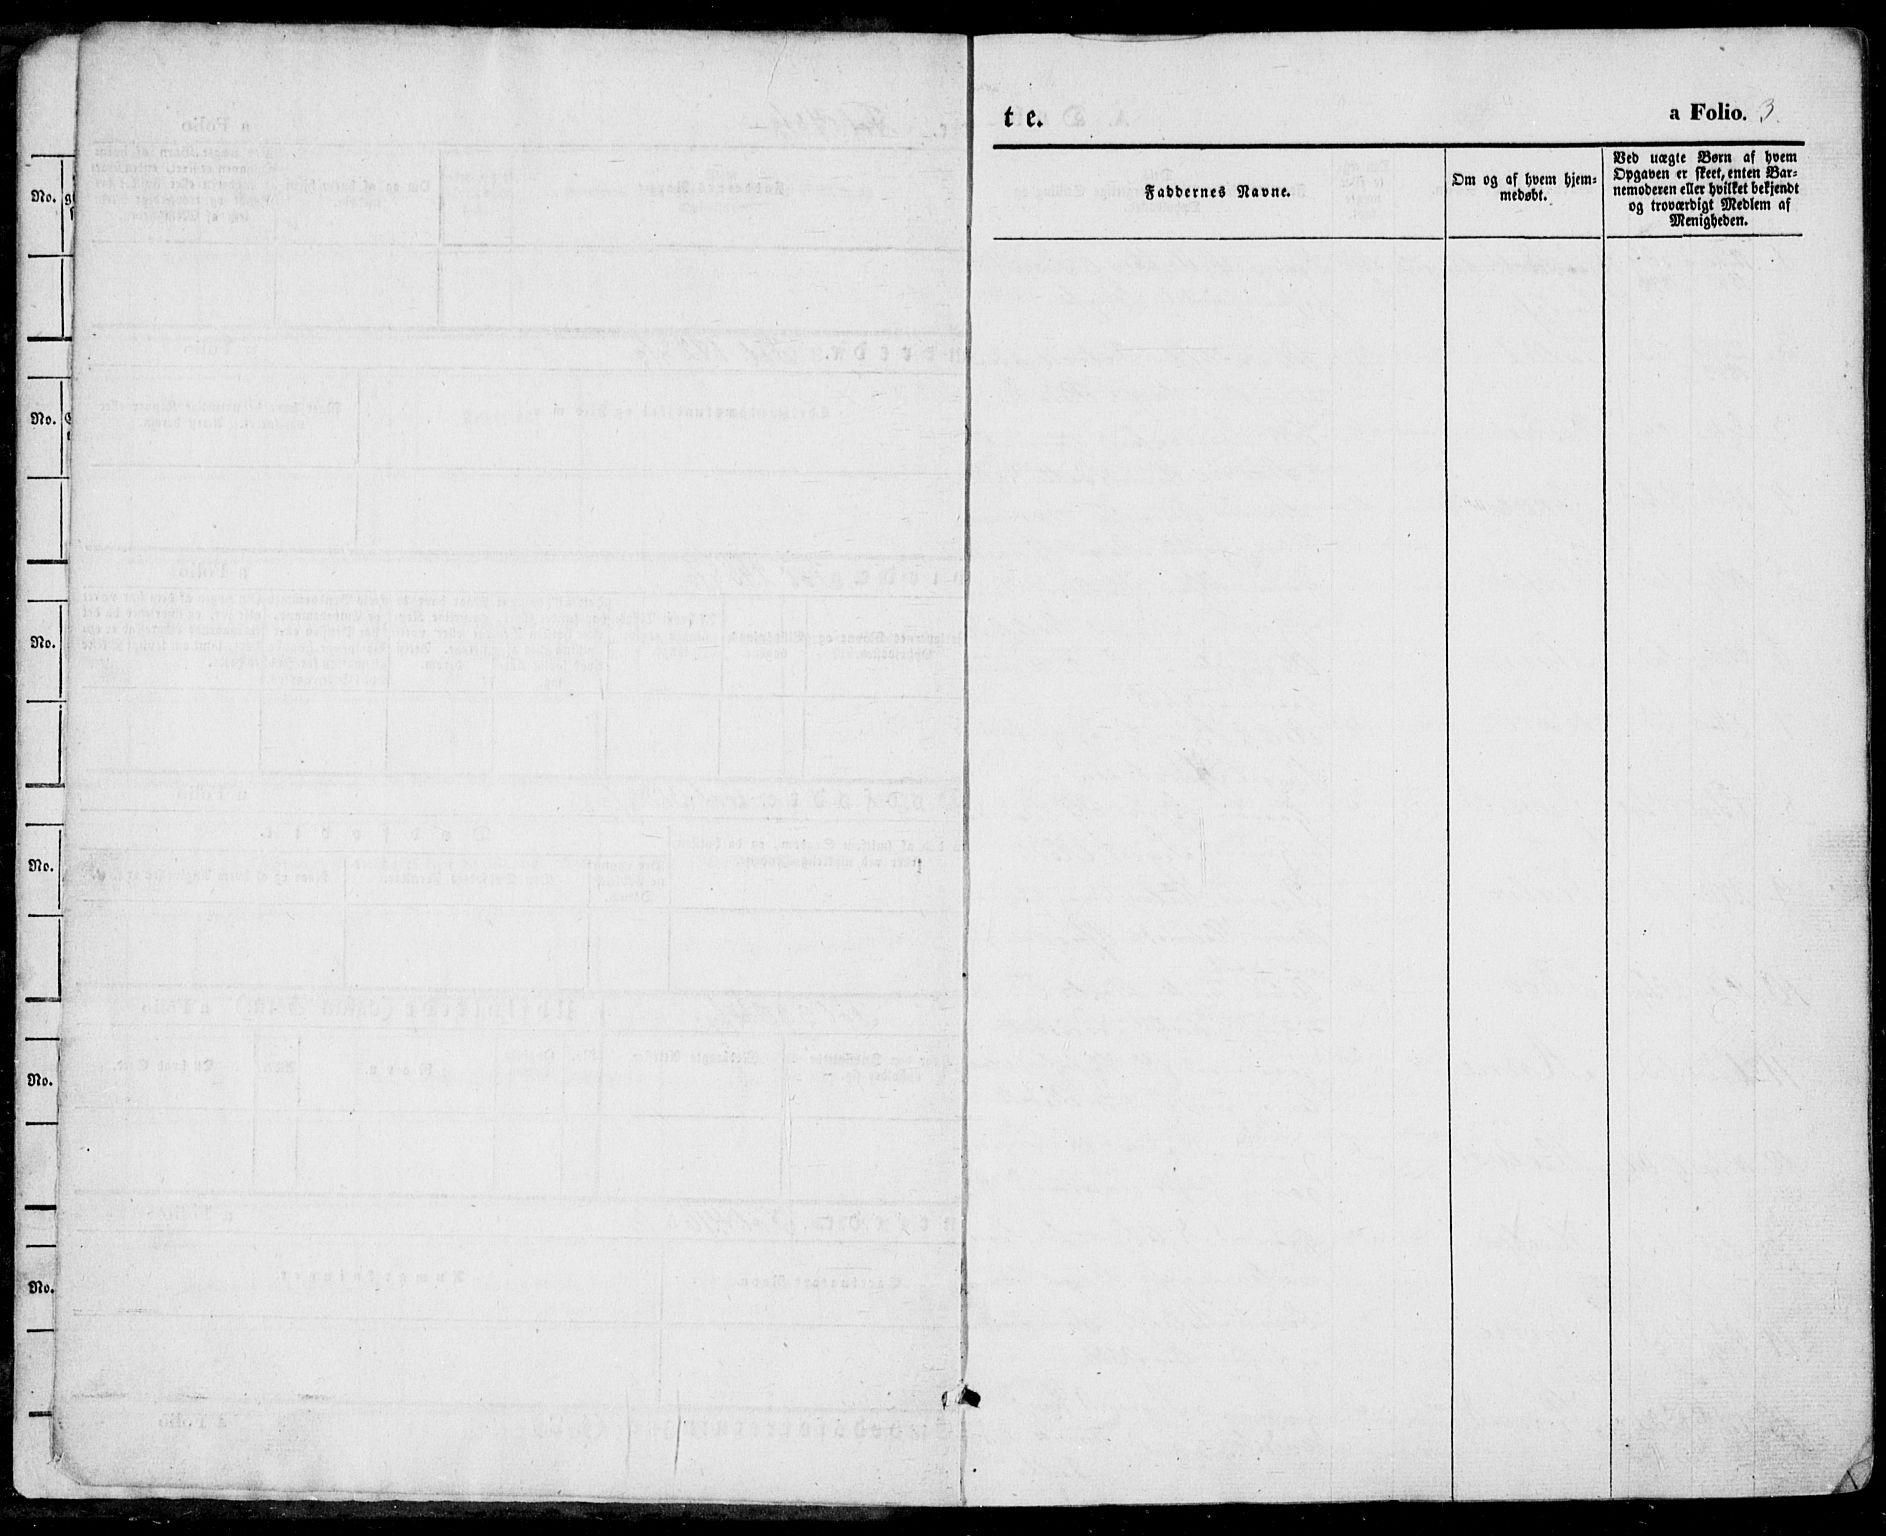 SAKO, Vinje kirkebøker, F/Fa/L0004: Ministerialbok nr. I 4, 1843-1869, s. 3